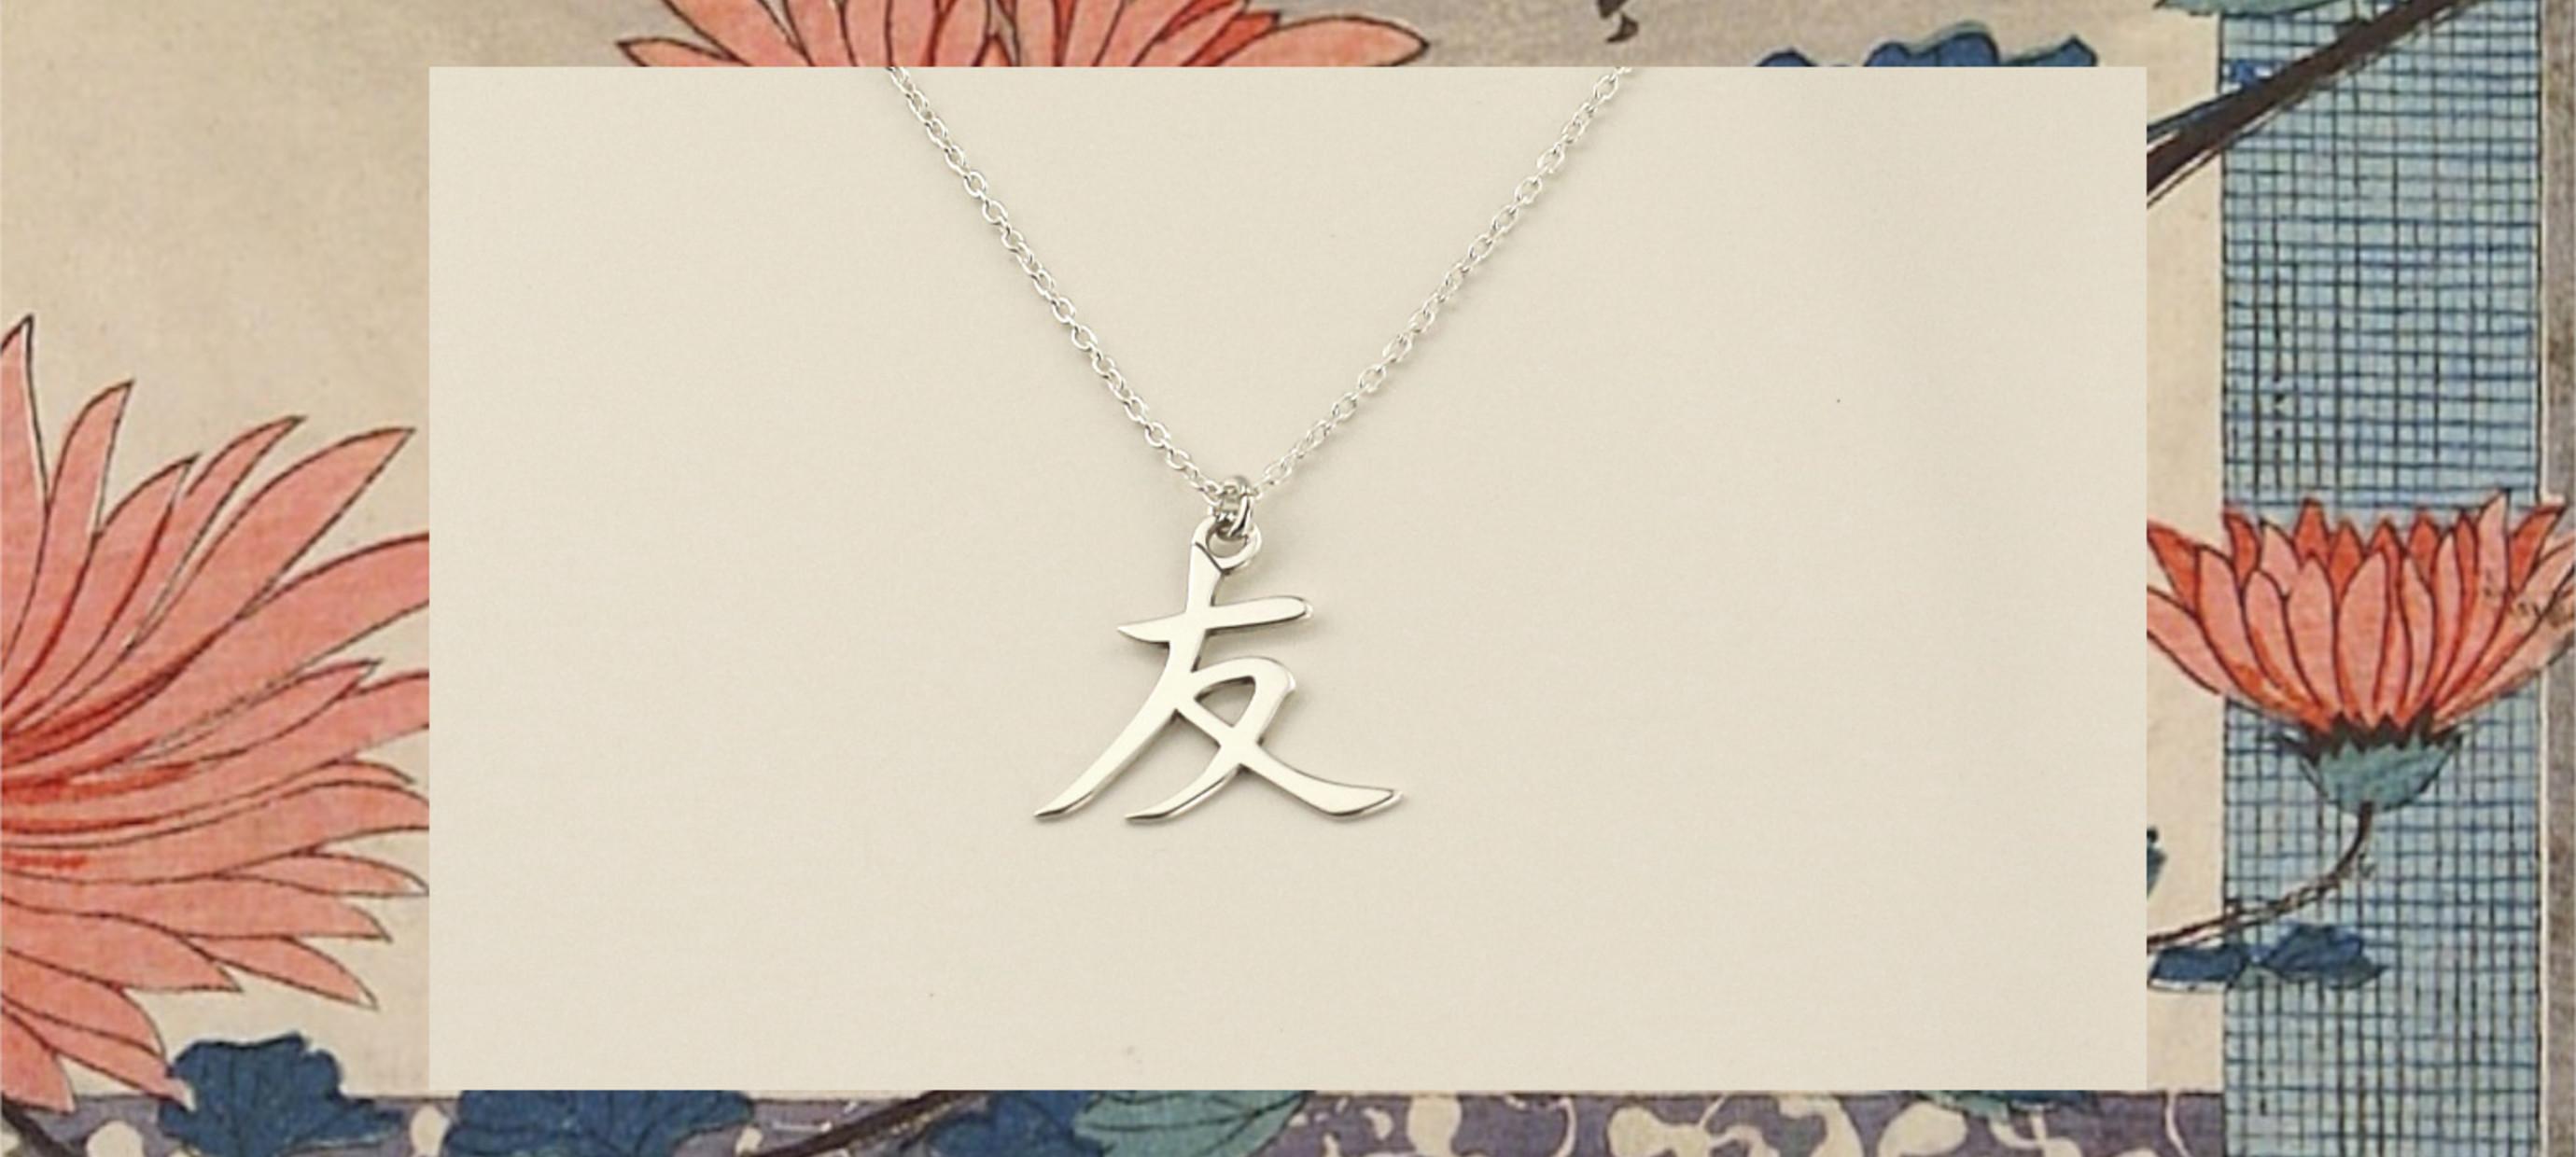 Jewelry with oriental symbols